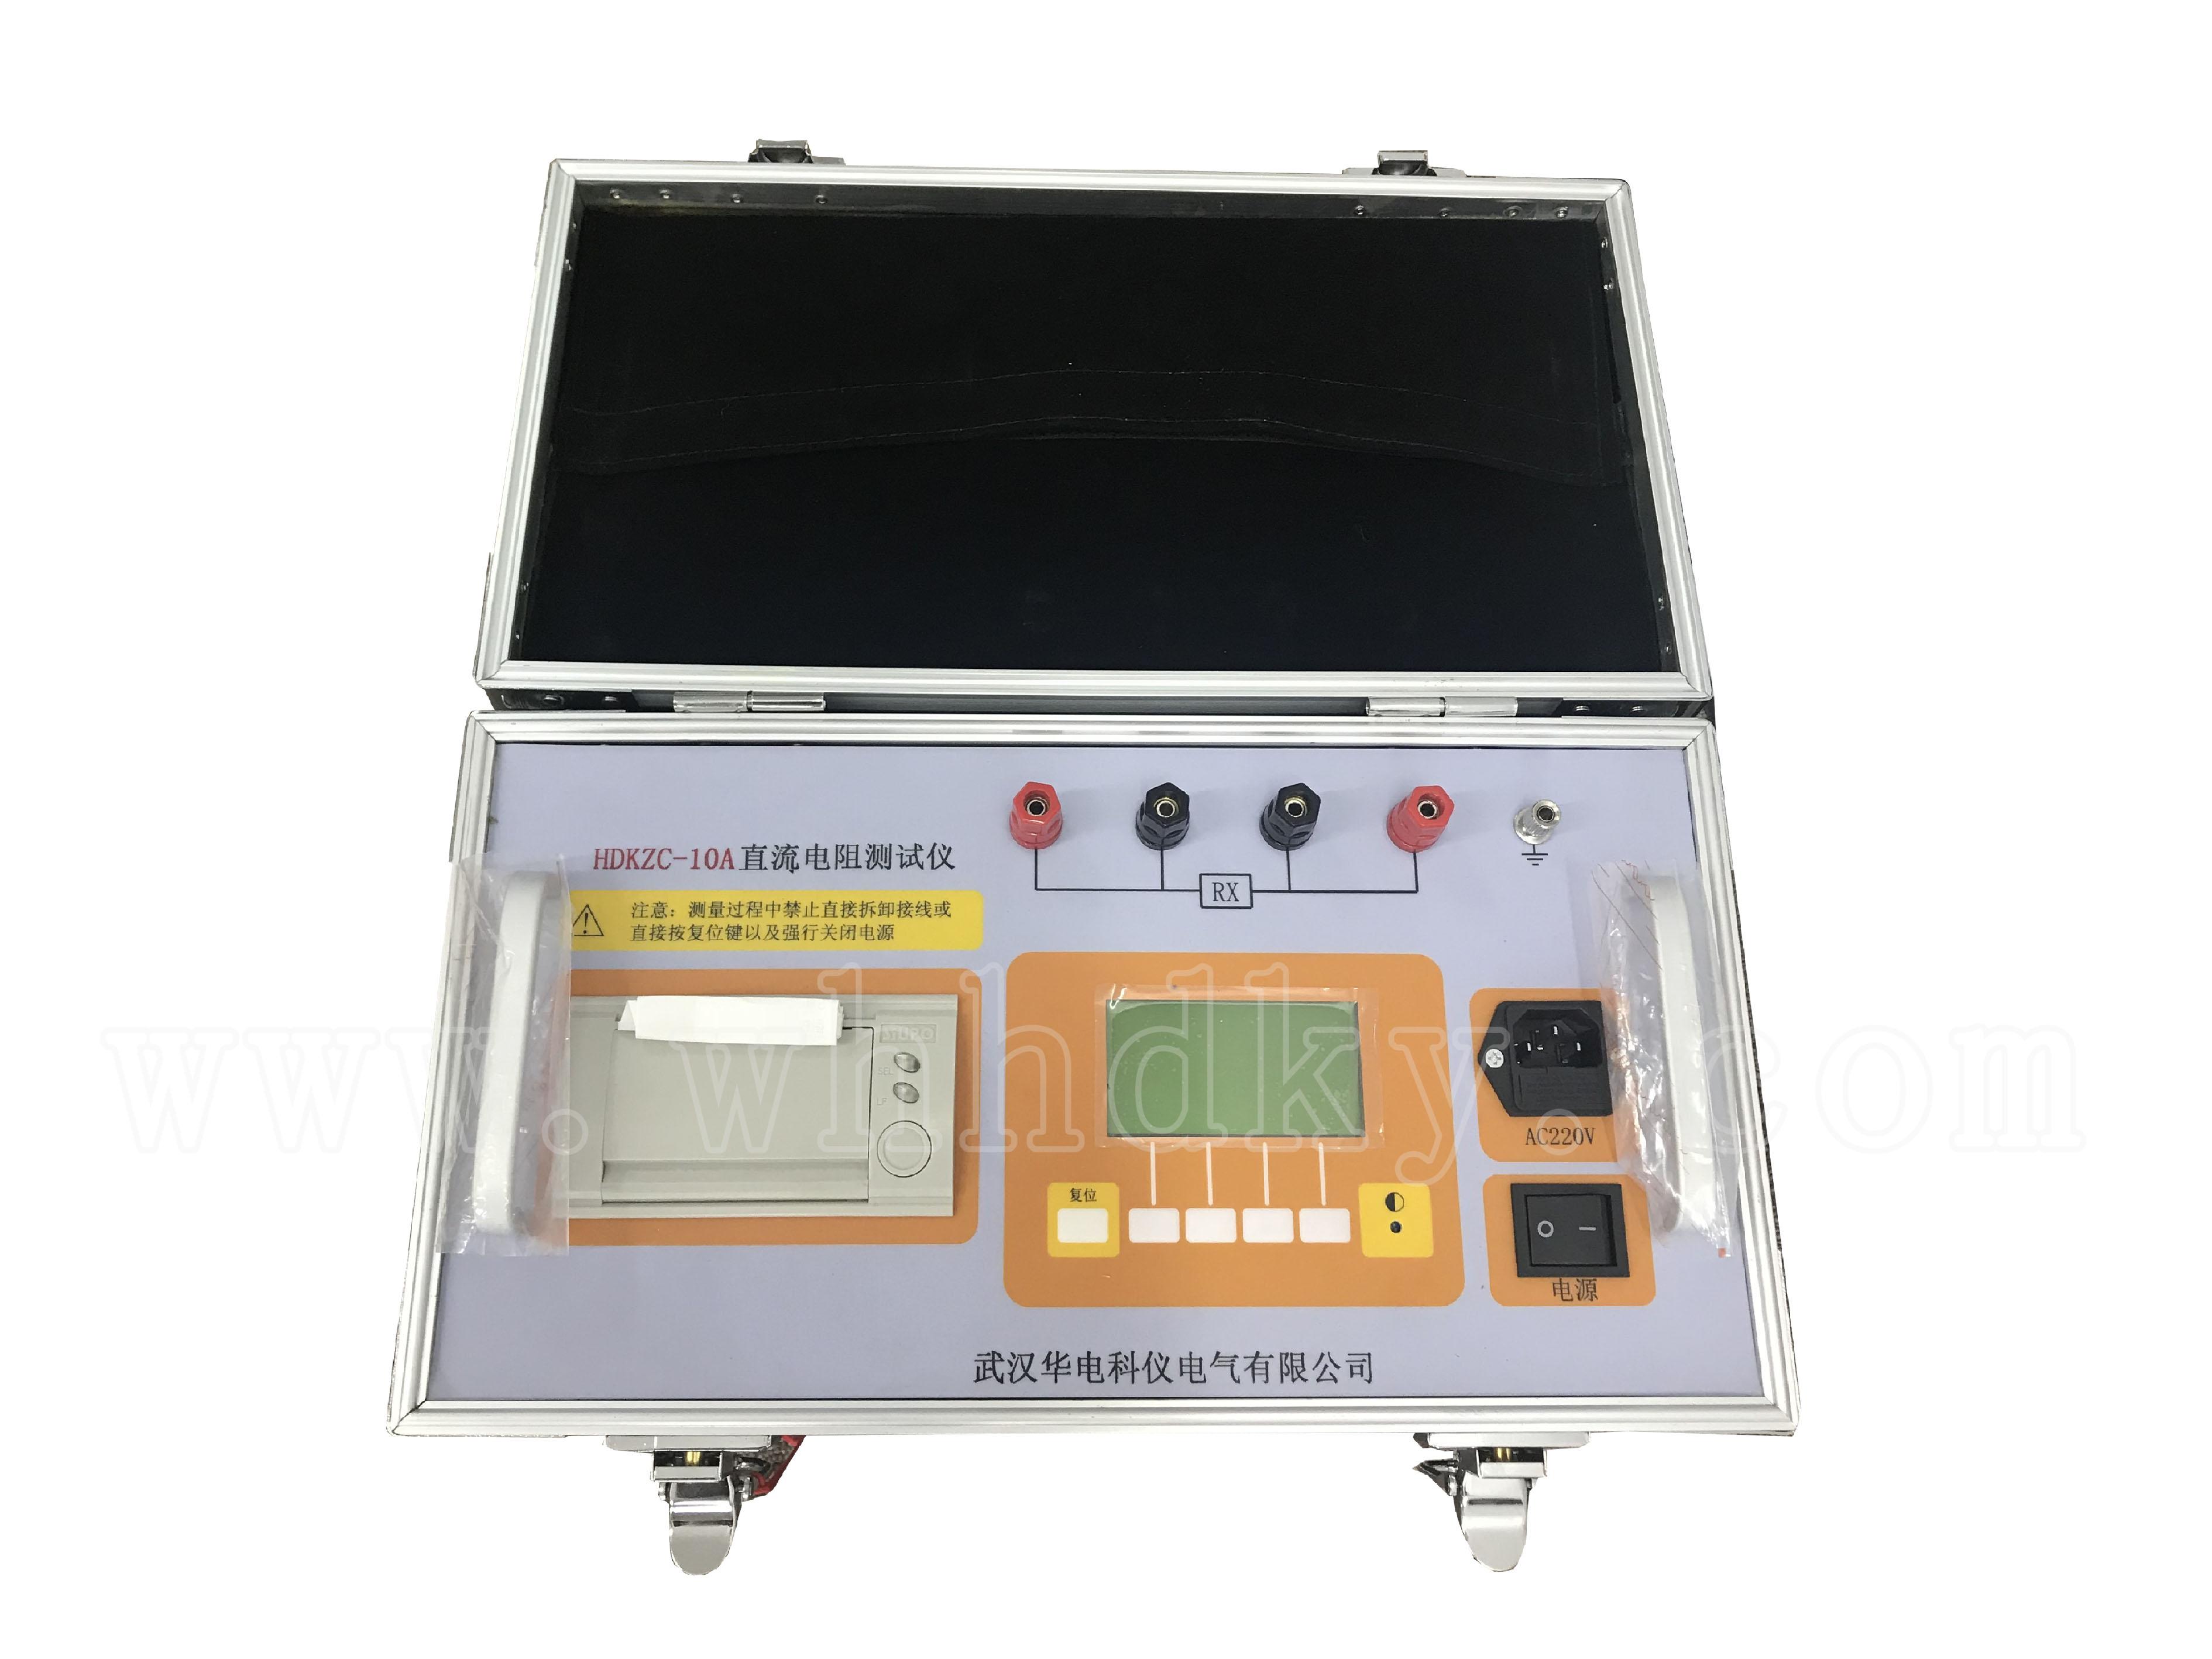 HDKZC-10A 直流电阻快速青娱乐视频首页